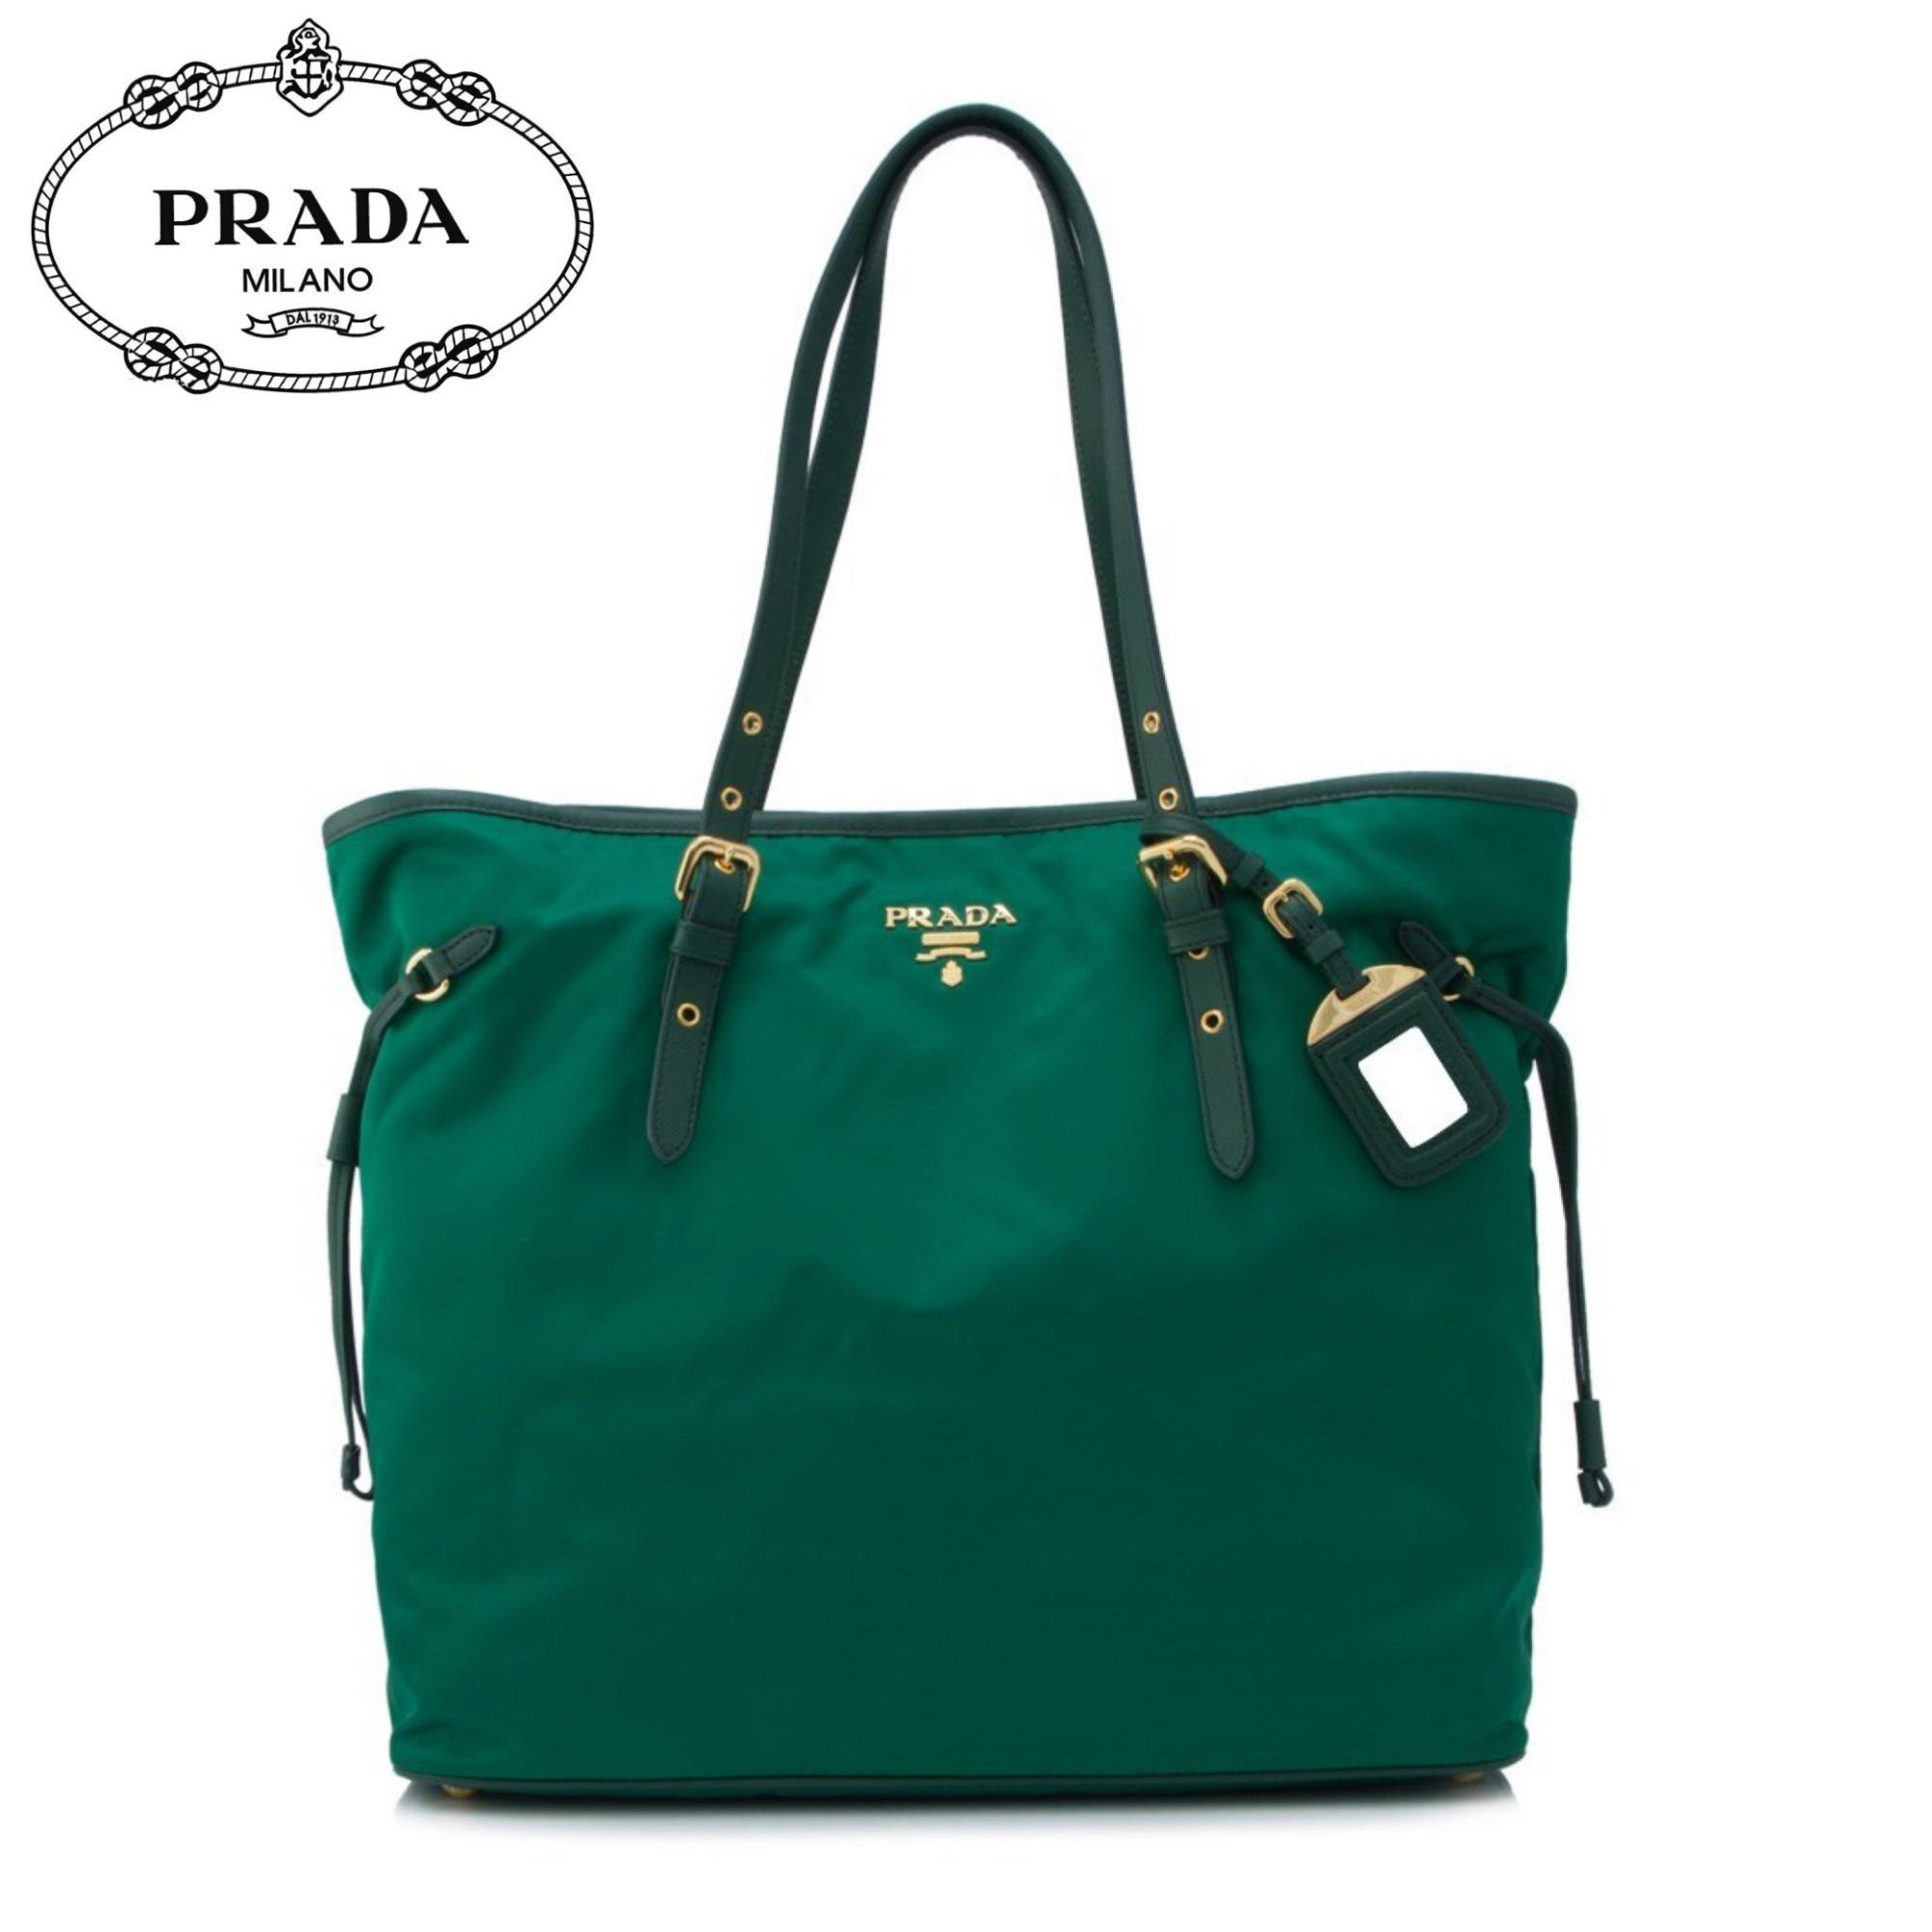 3b765ebe695b cheap prada bags for women ssense d7a93 da747  norway new arrival prada  tessuto saffiano shopping tote oleandro local seller 43041 d1f30